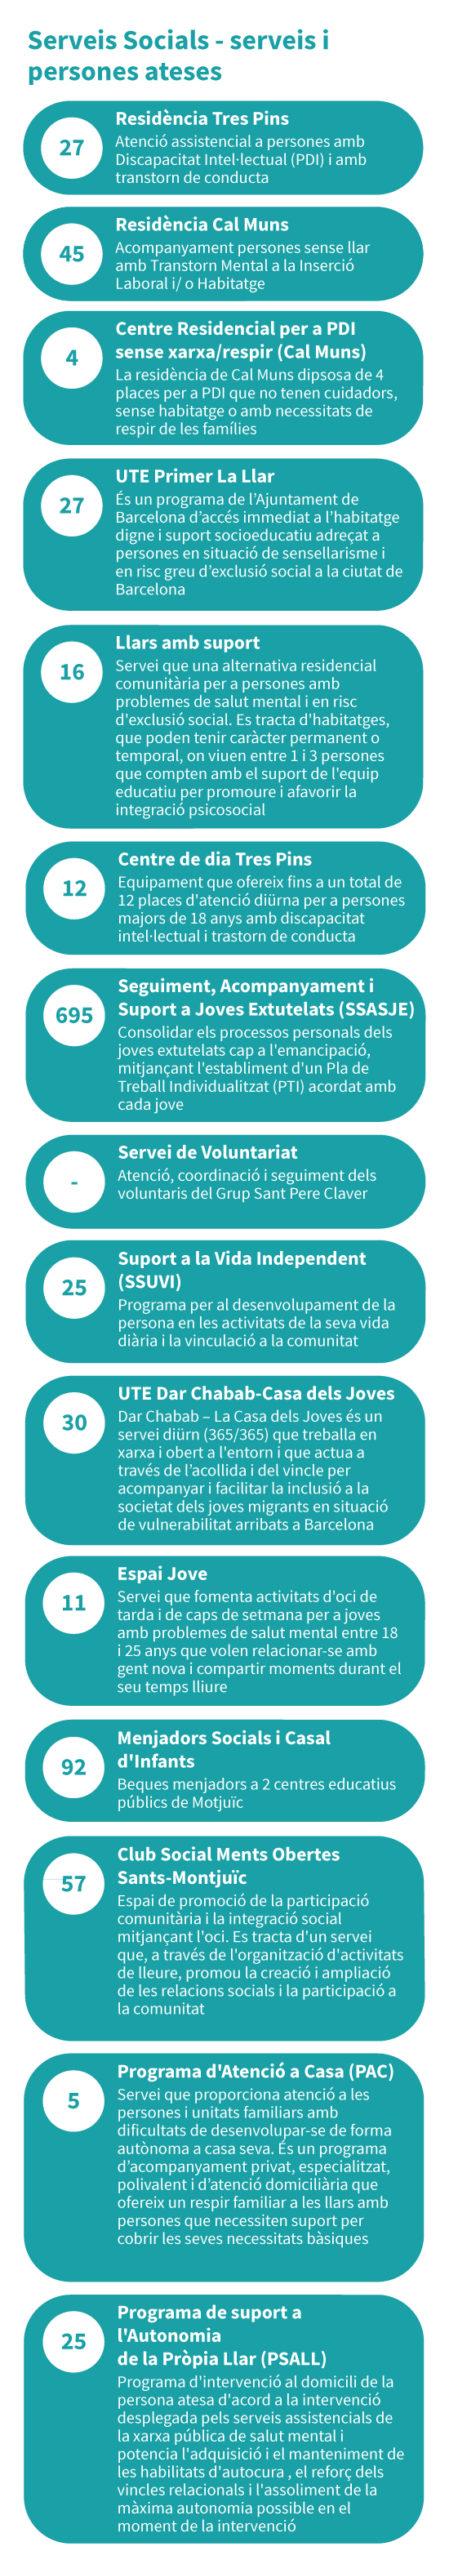 Serveis Socials - serveis i persones atesos